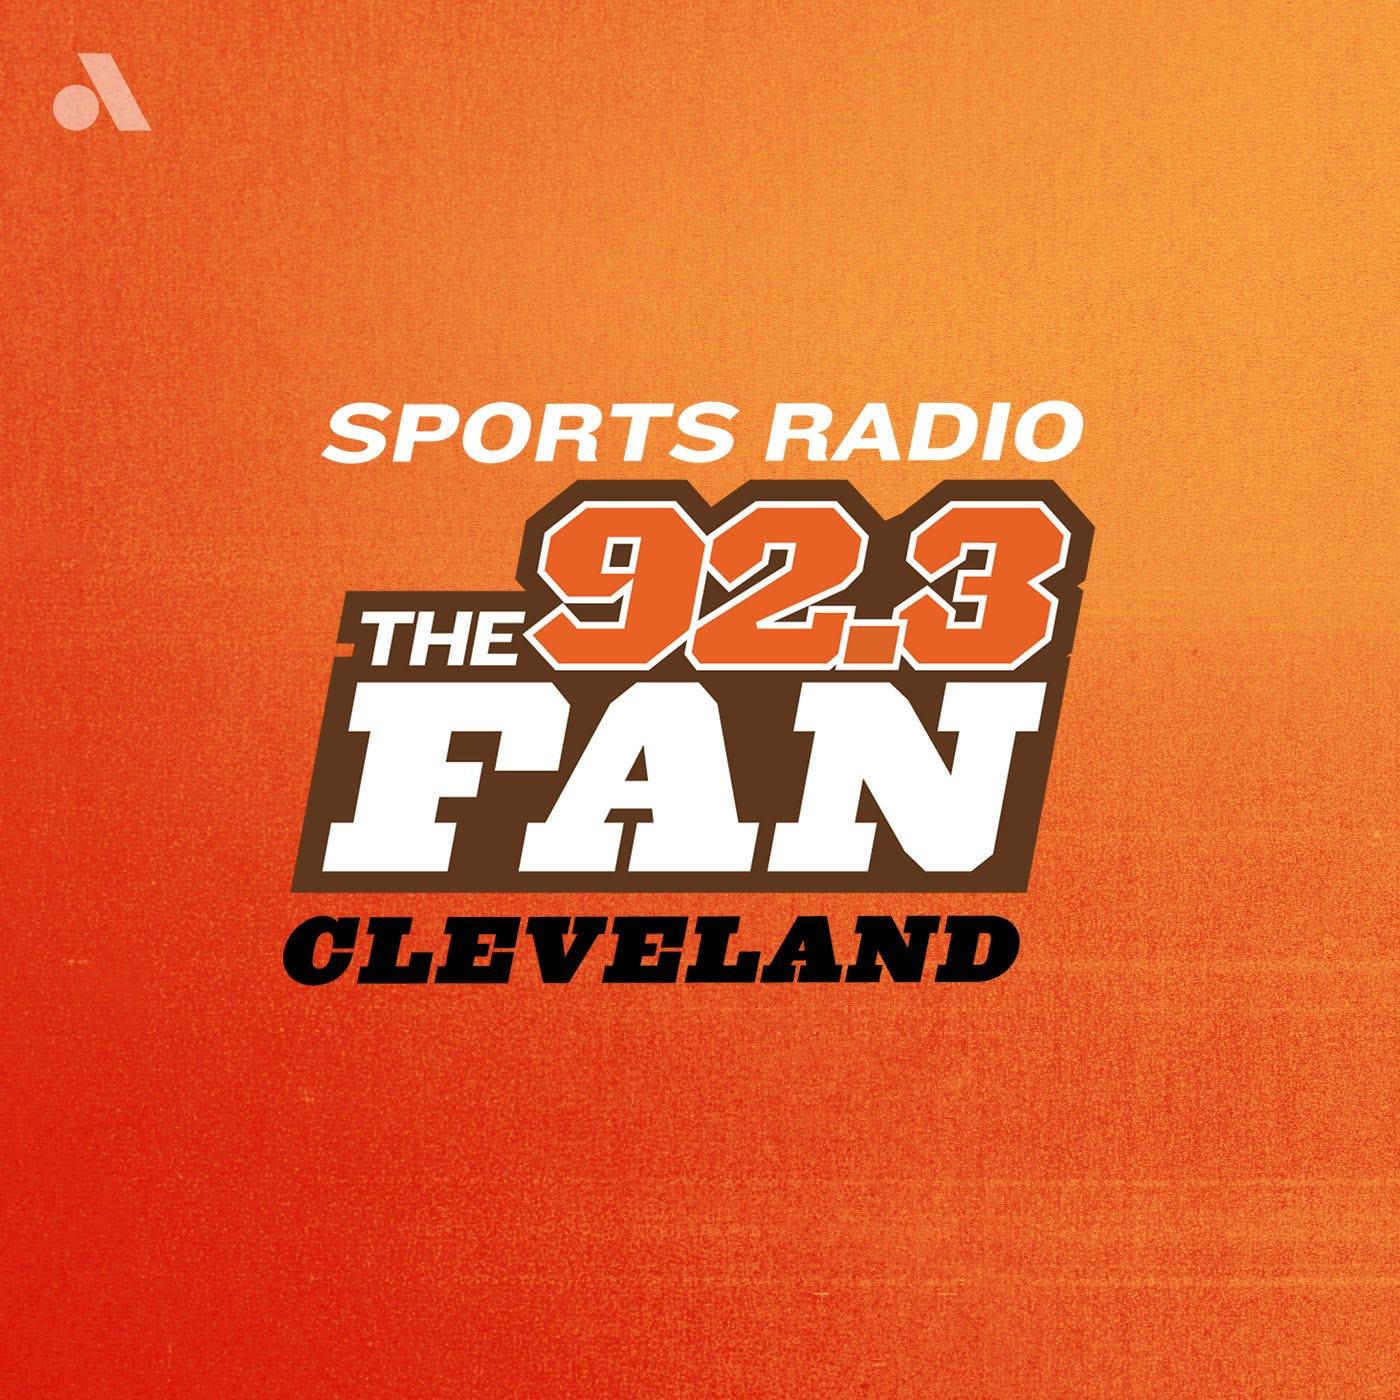 92.3 The Fan